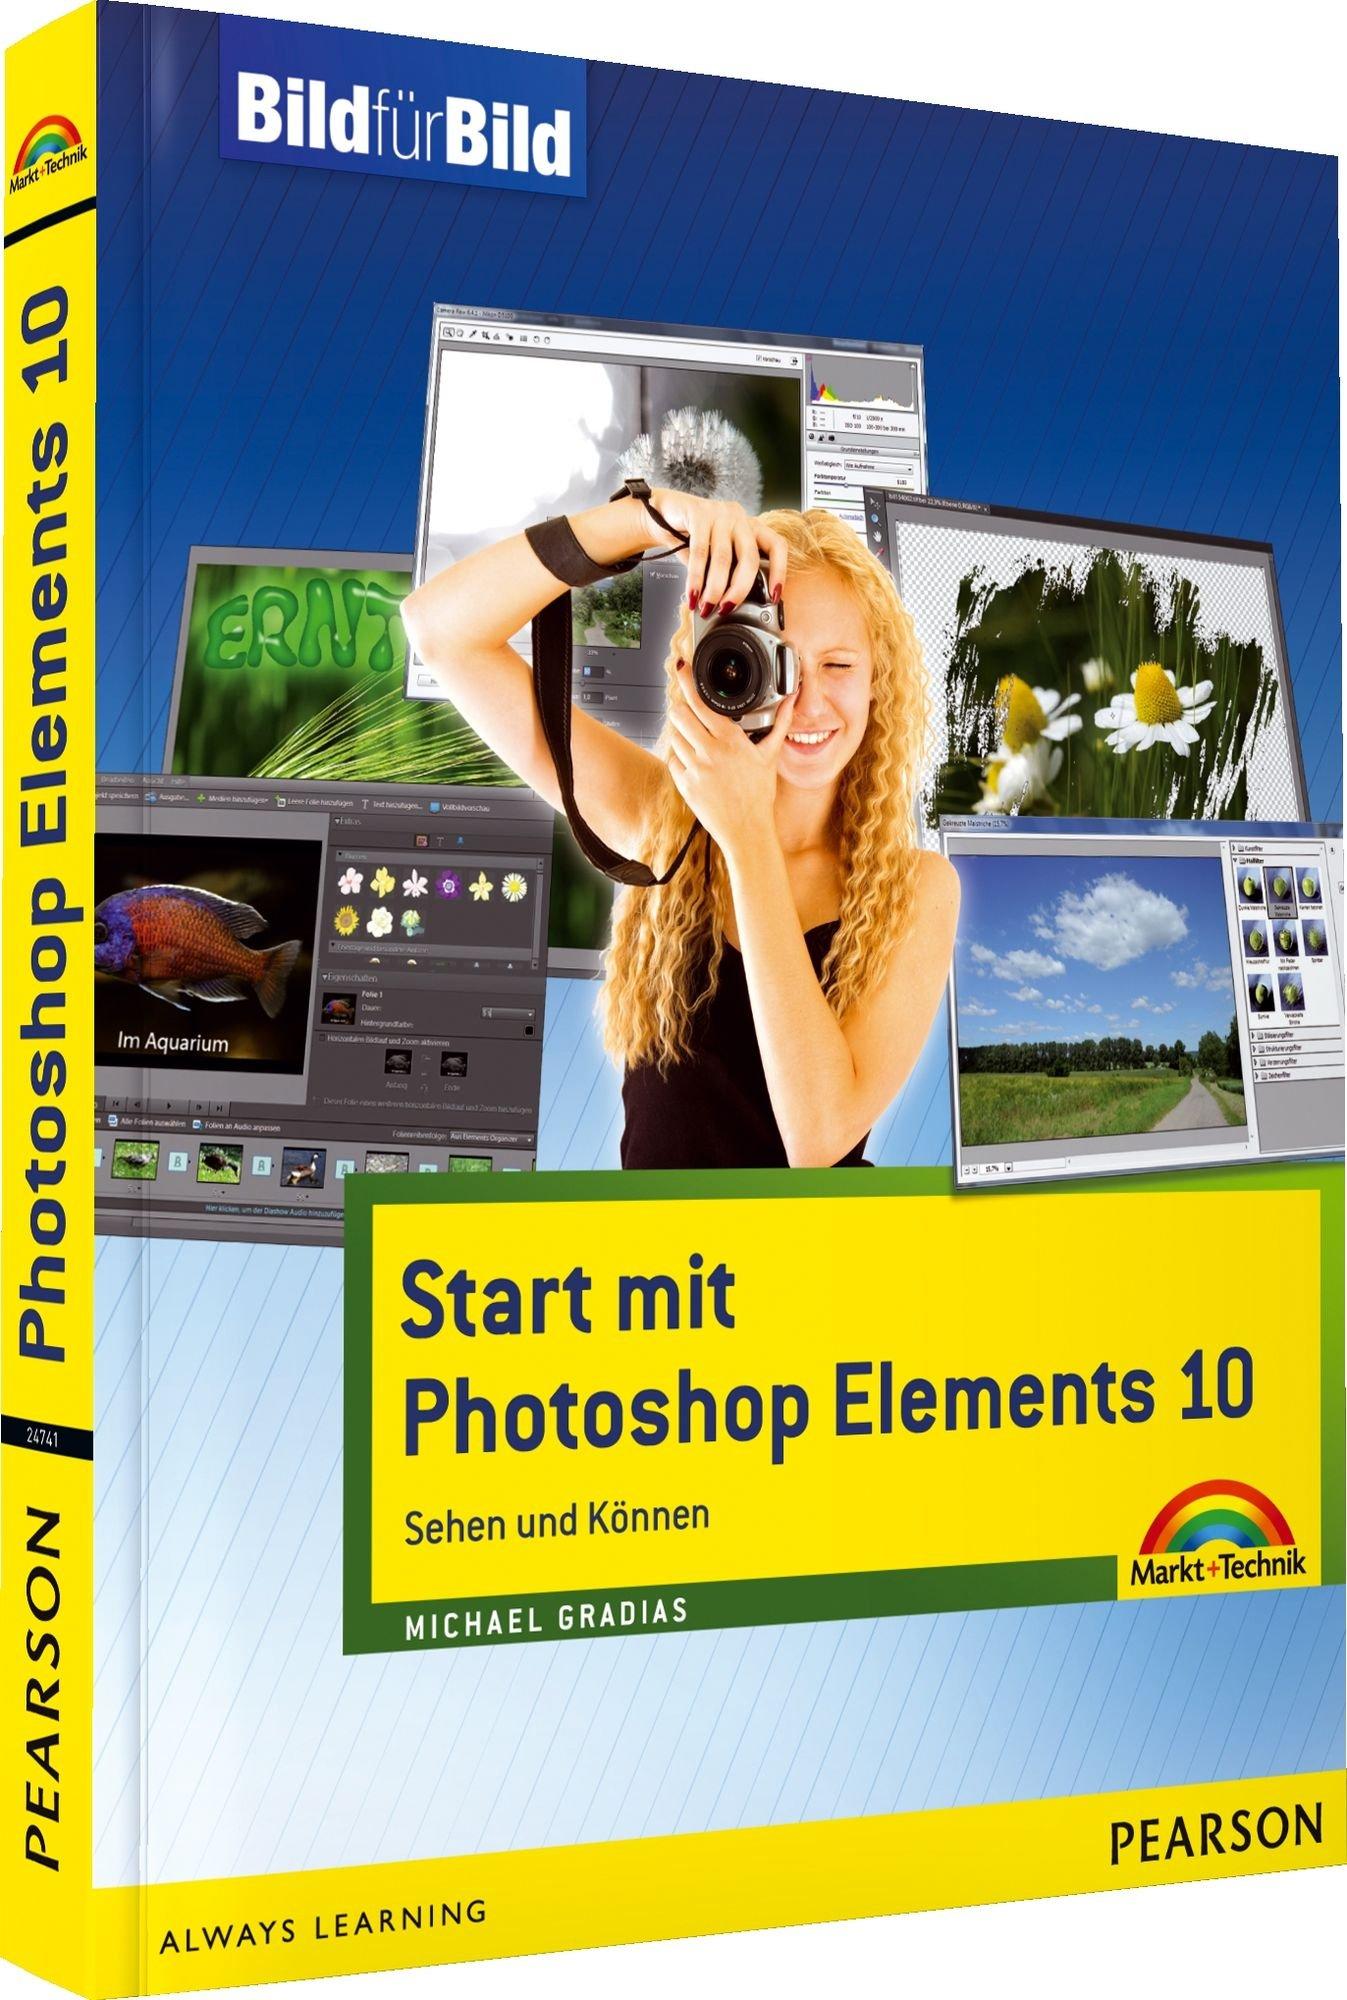 Start Mit Photoshop Elements 10   Alle Bilder Zum Download Auf Der Website Zum Buch  Sehen Und Können  Bild Für Bild